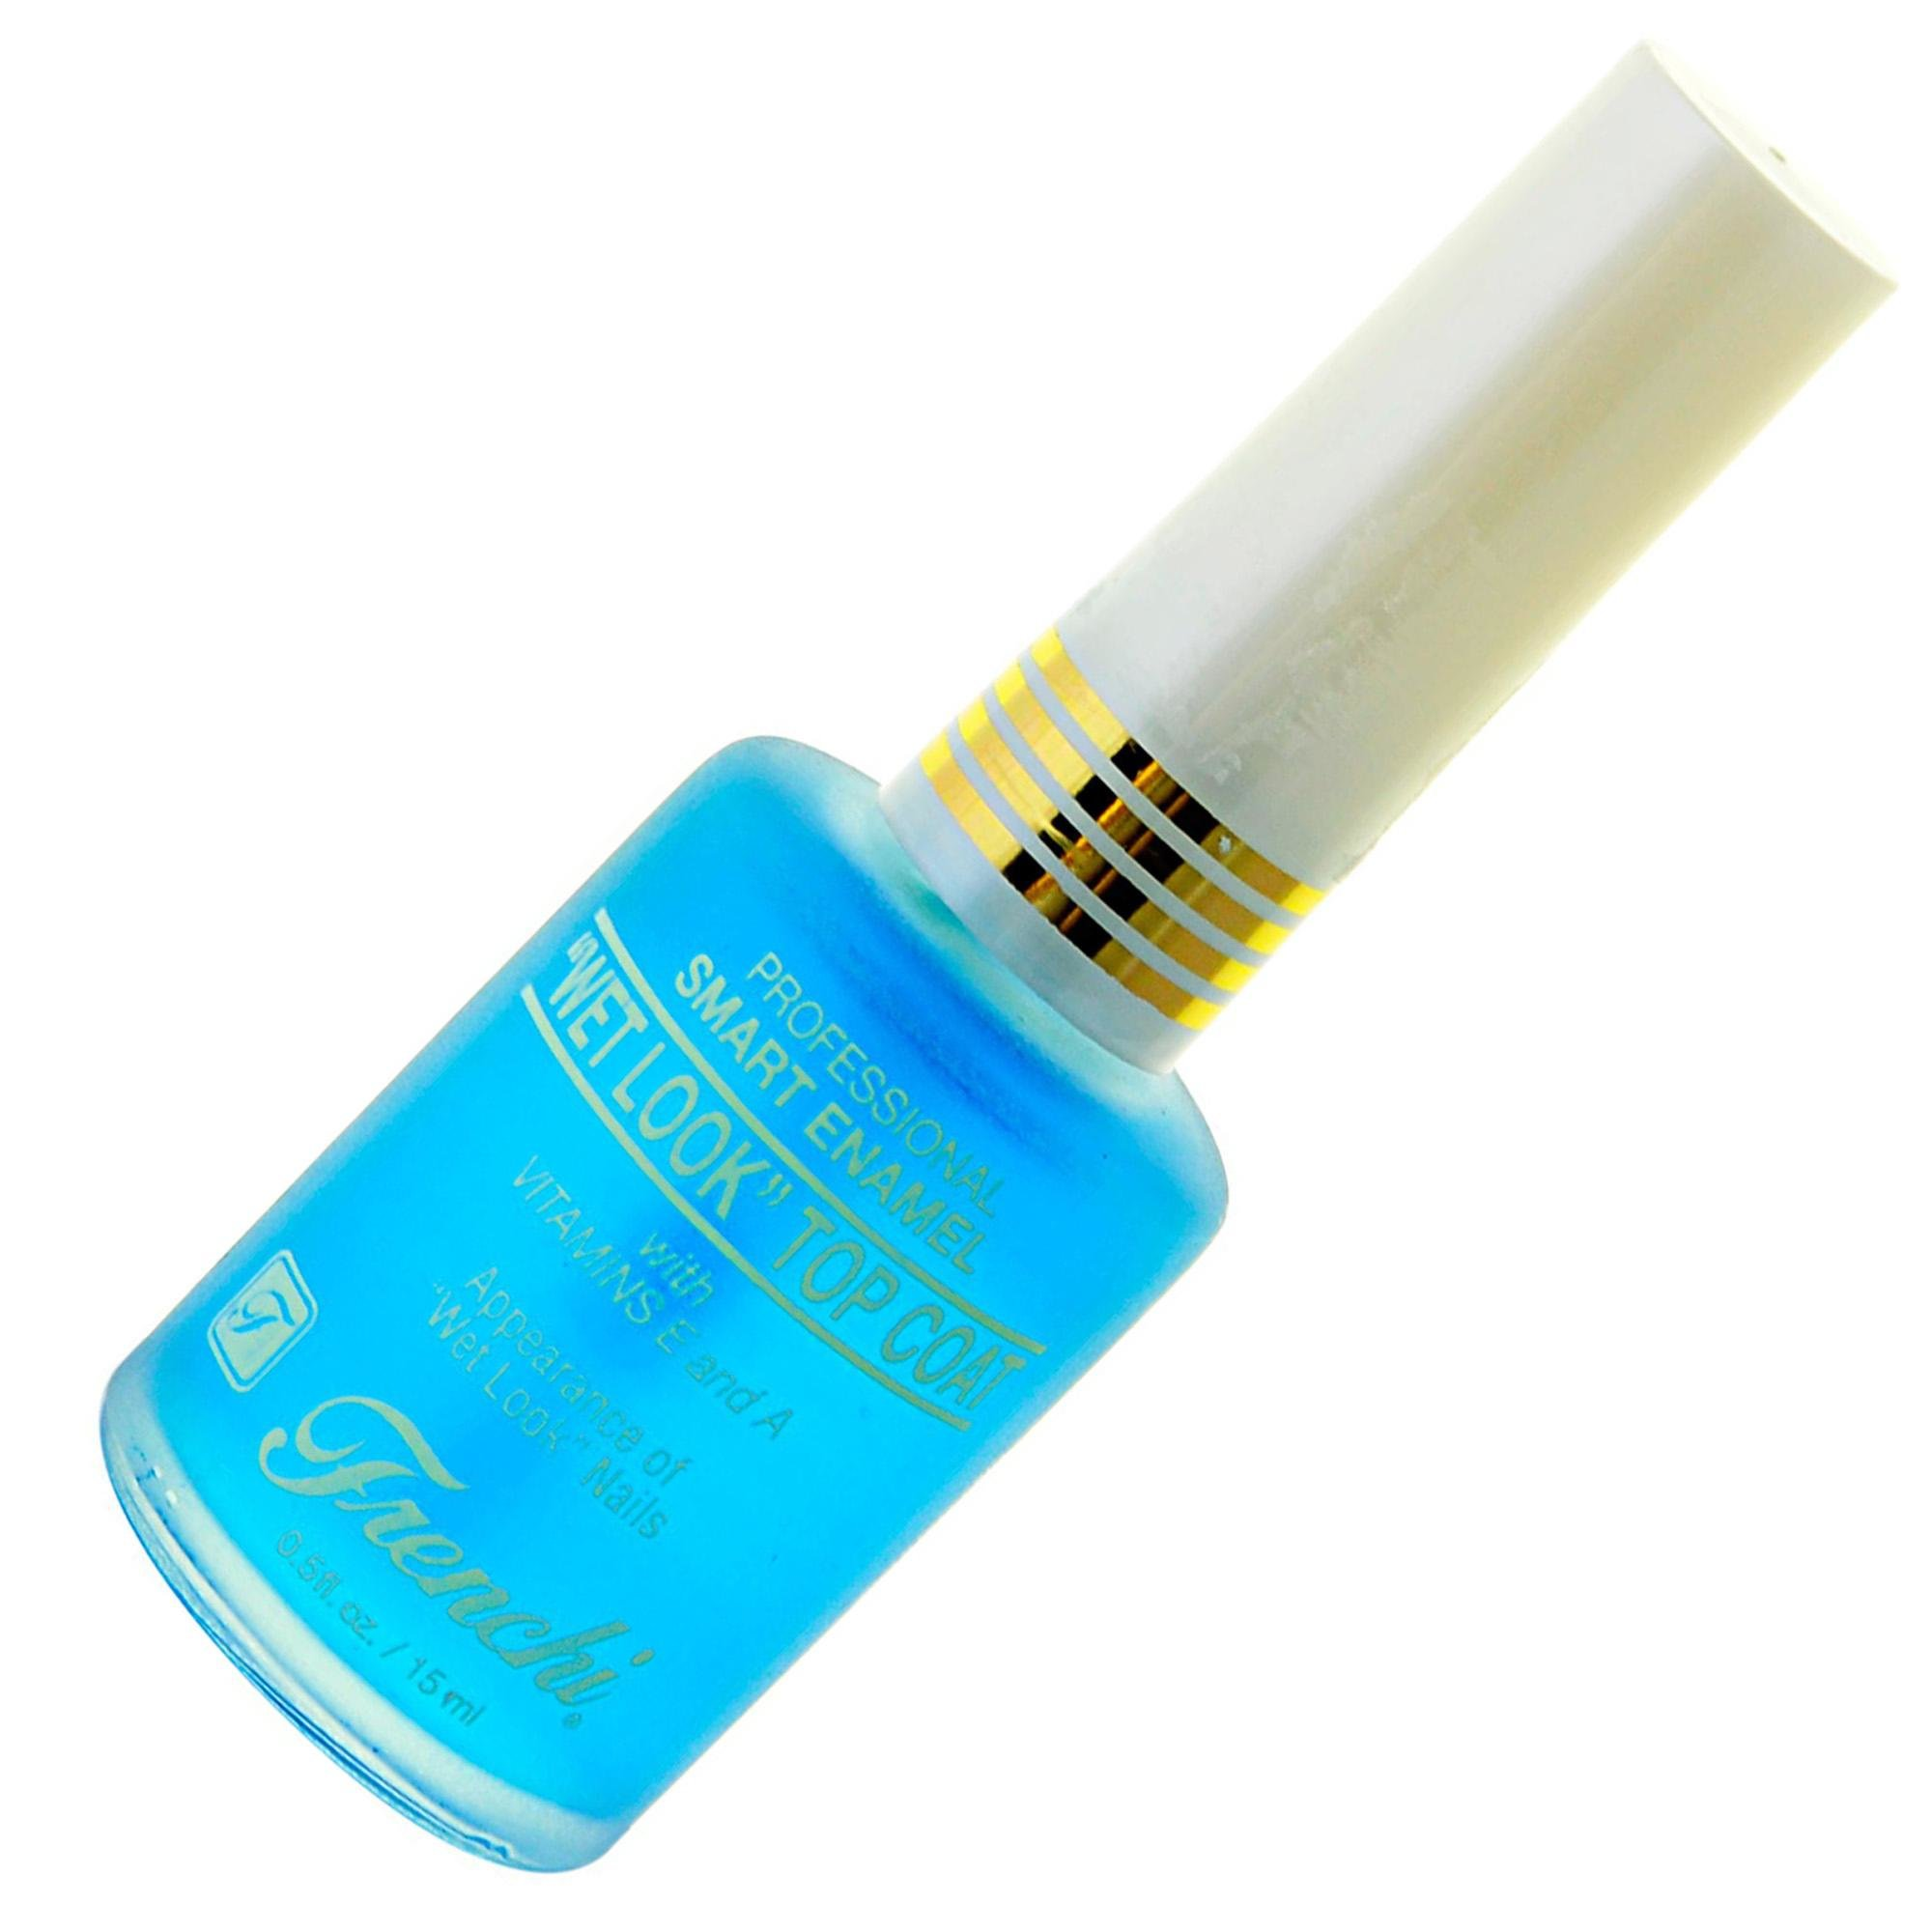 Умная эмаль является целой серией восстанавливающих средств для ногтей.